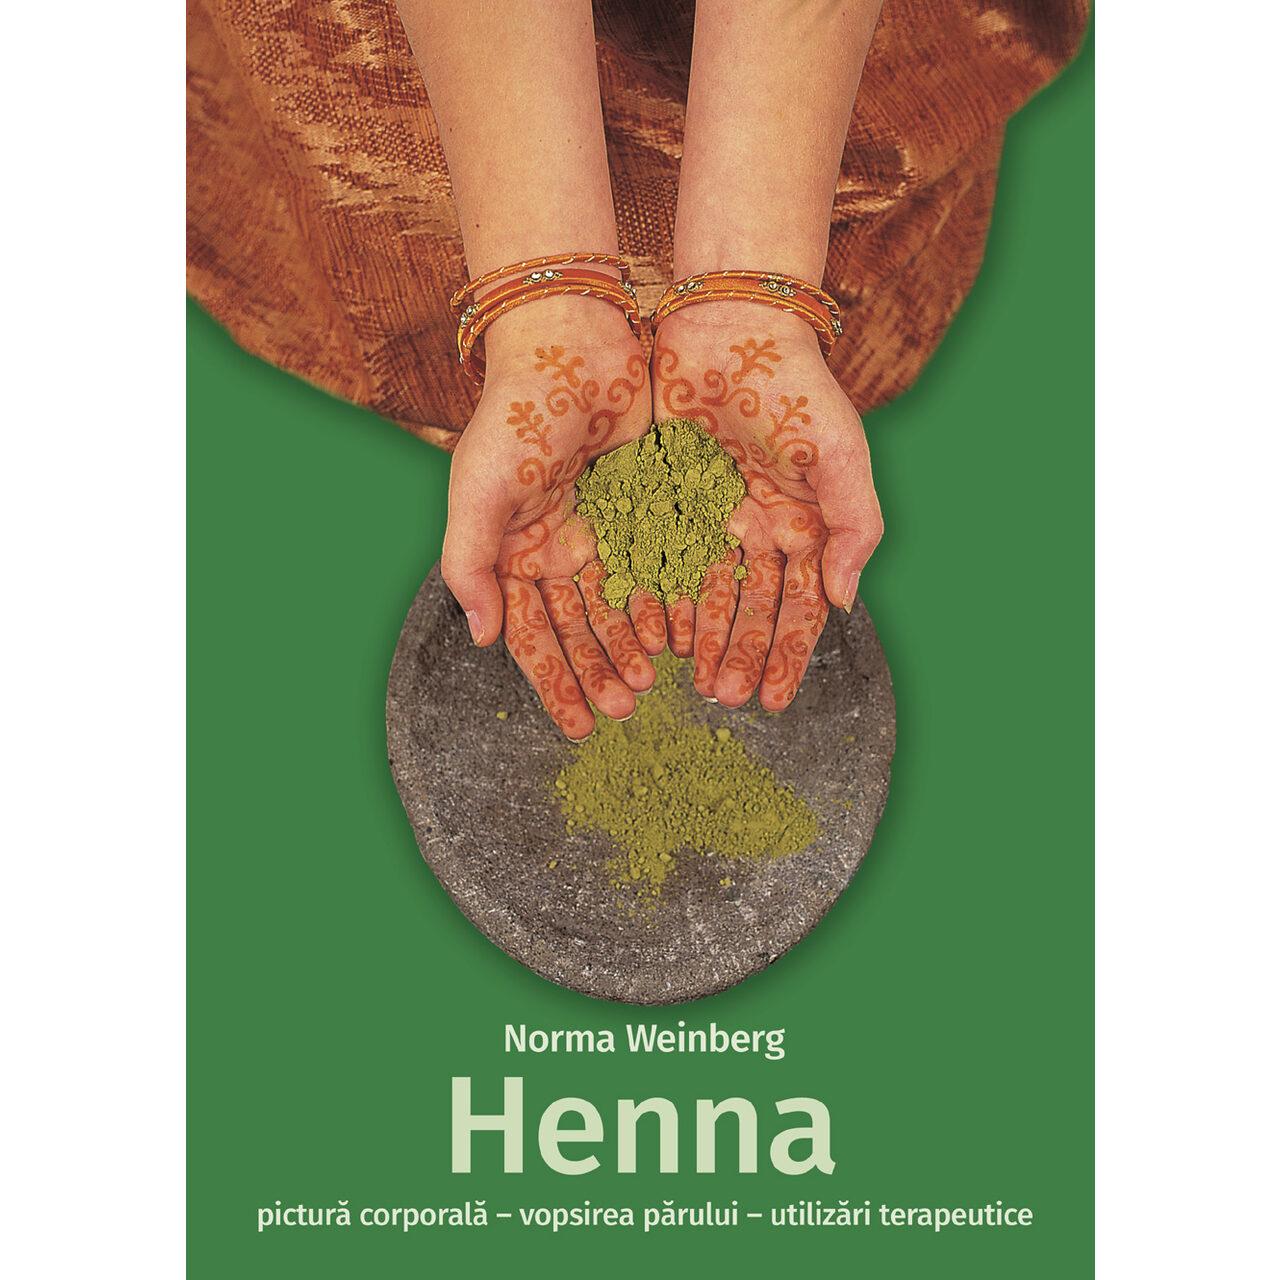 Henna - pictură corporală, vopsirea părului, utilizări terapeutice imagine edituracasa.ro